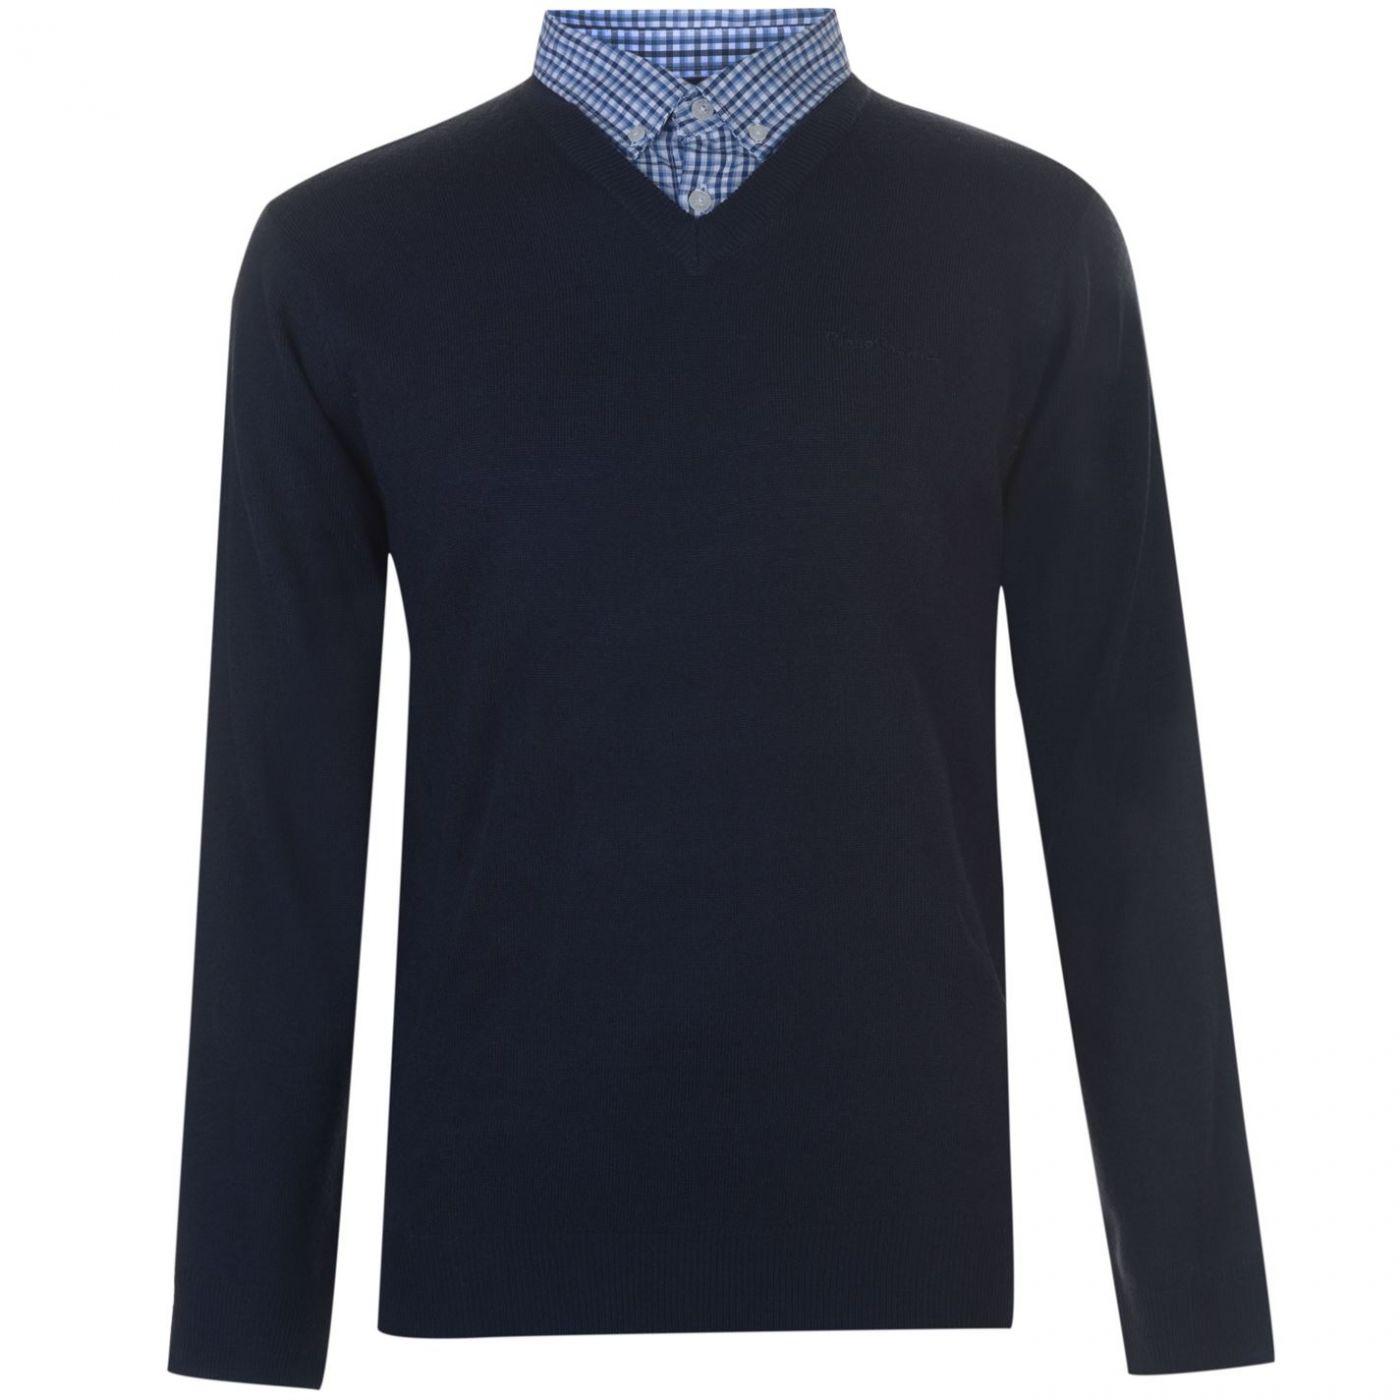 Men's sweater Pierre Cardin Mock V Neck Knit